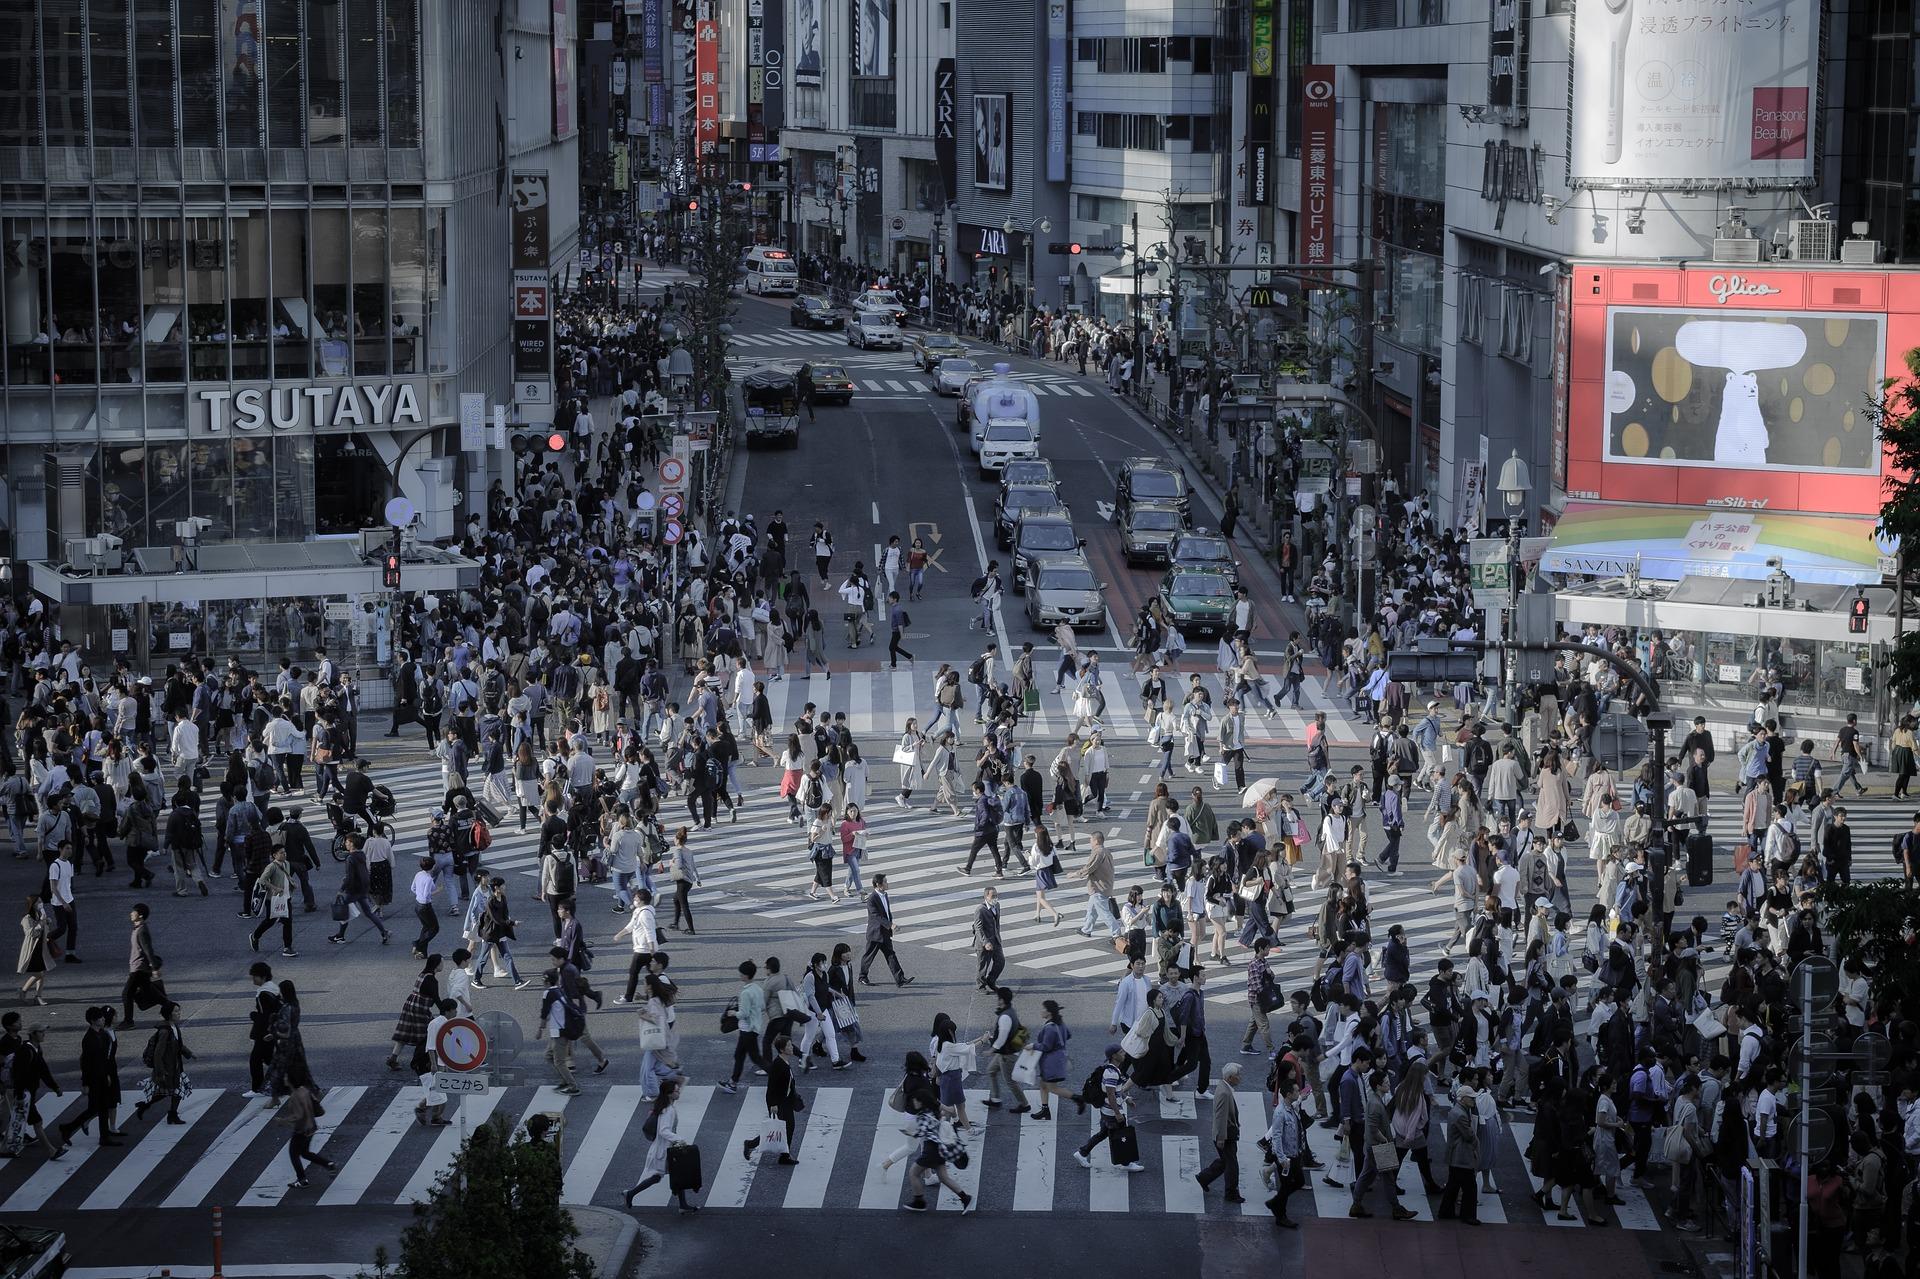 Isolement et mixité sociale au siècle de l'urbanisation